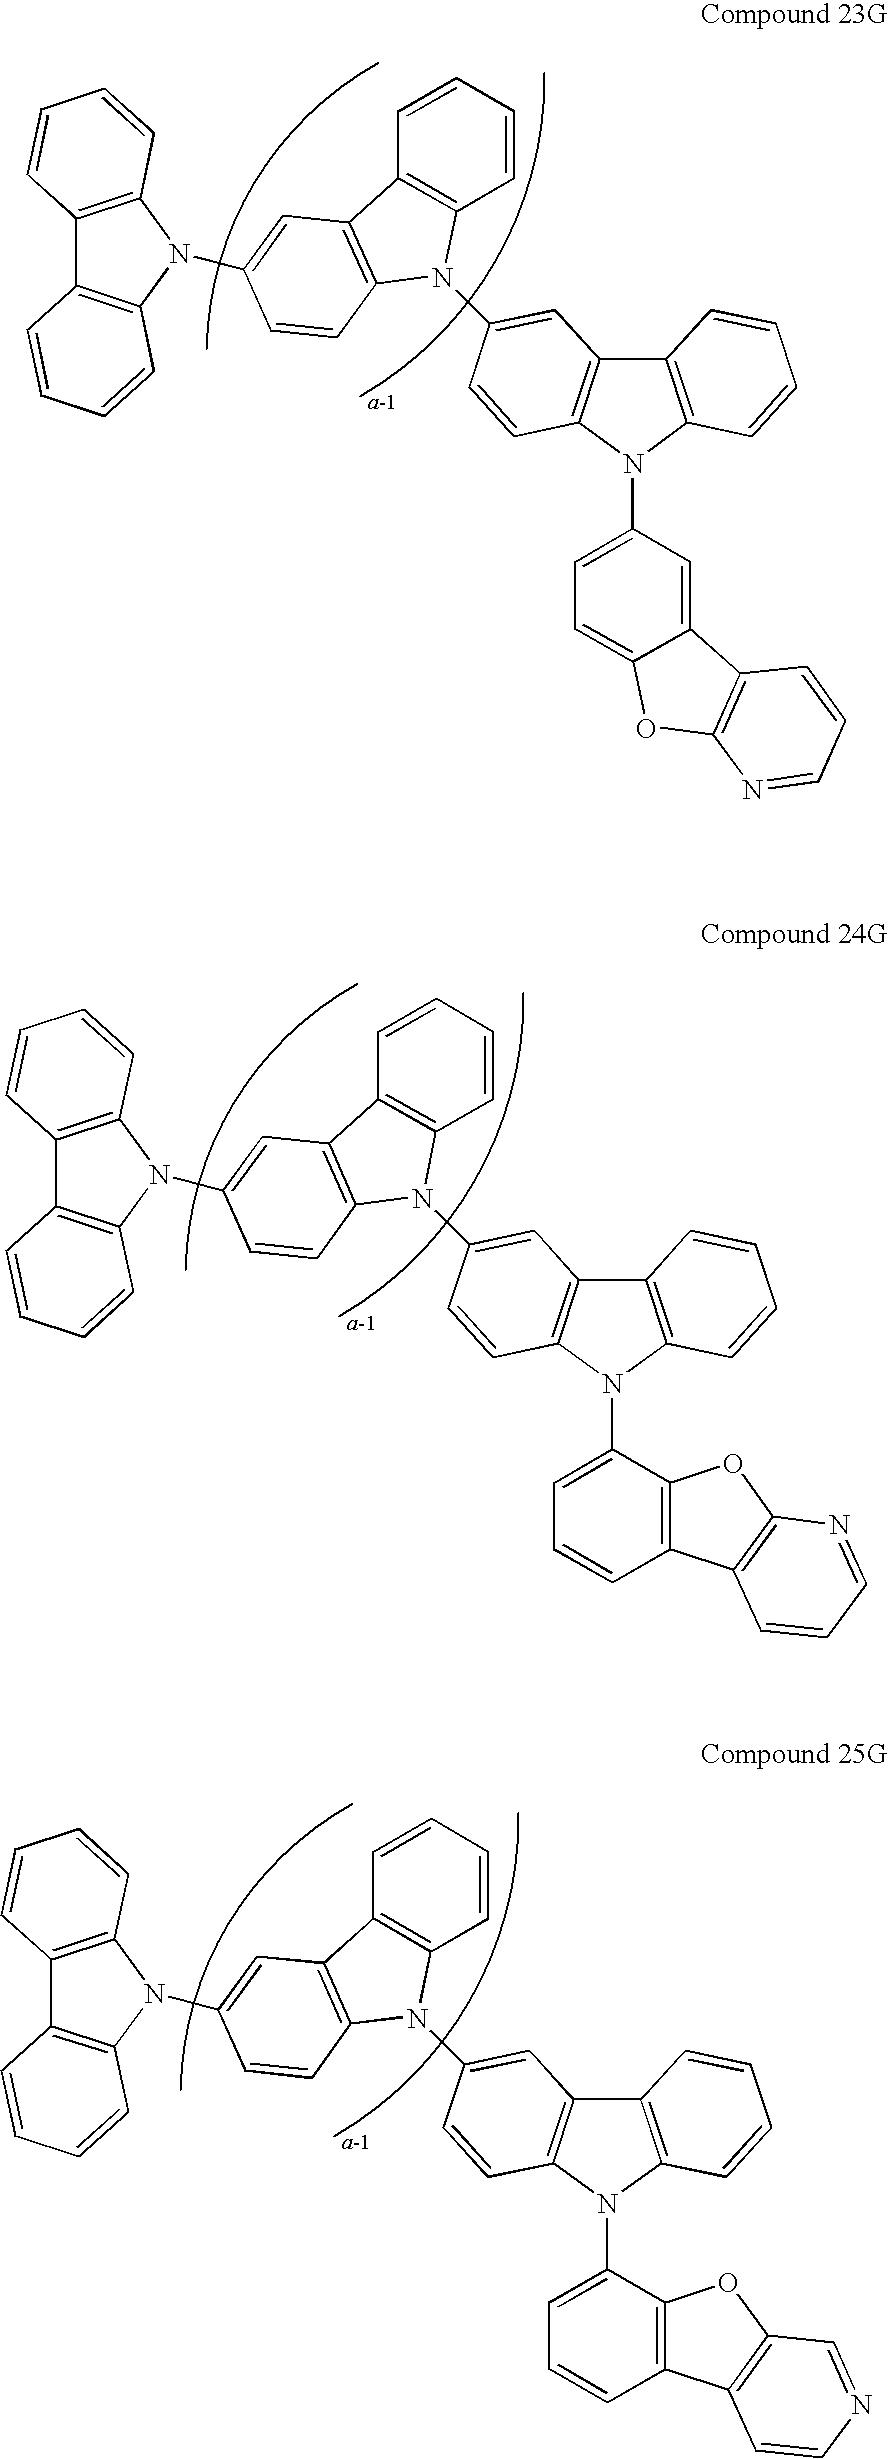 Figure US20090134784A1-20090528-C00184